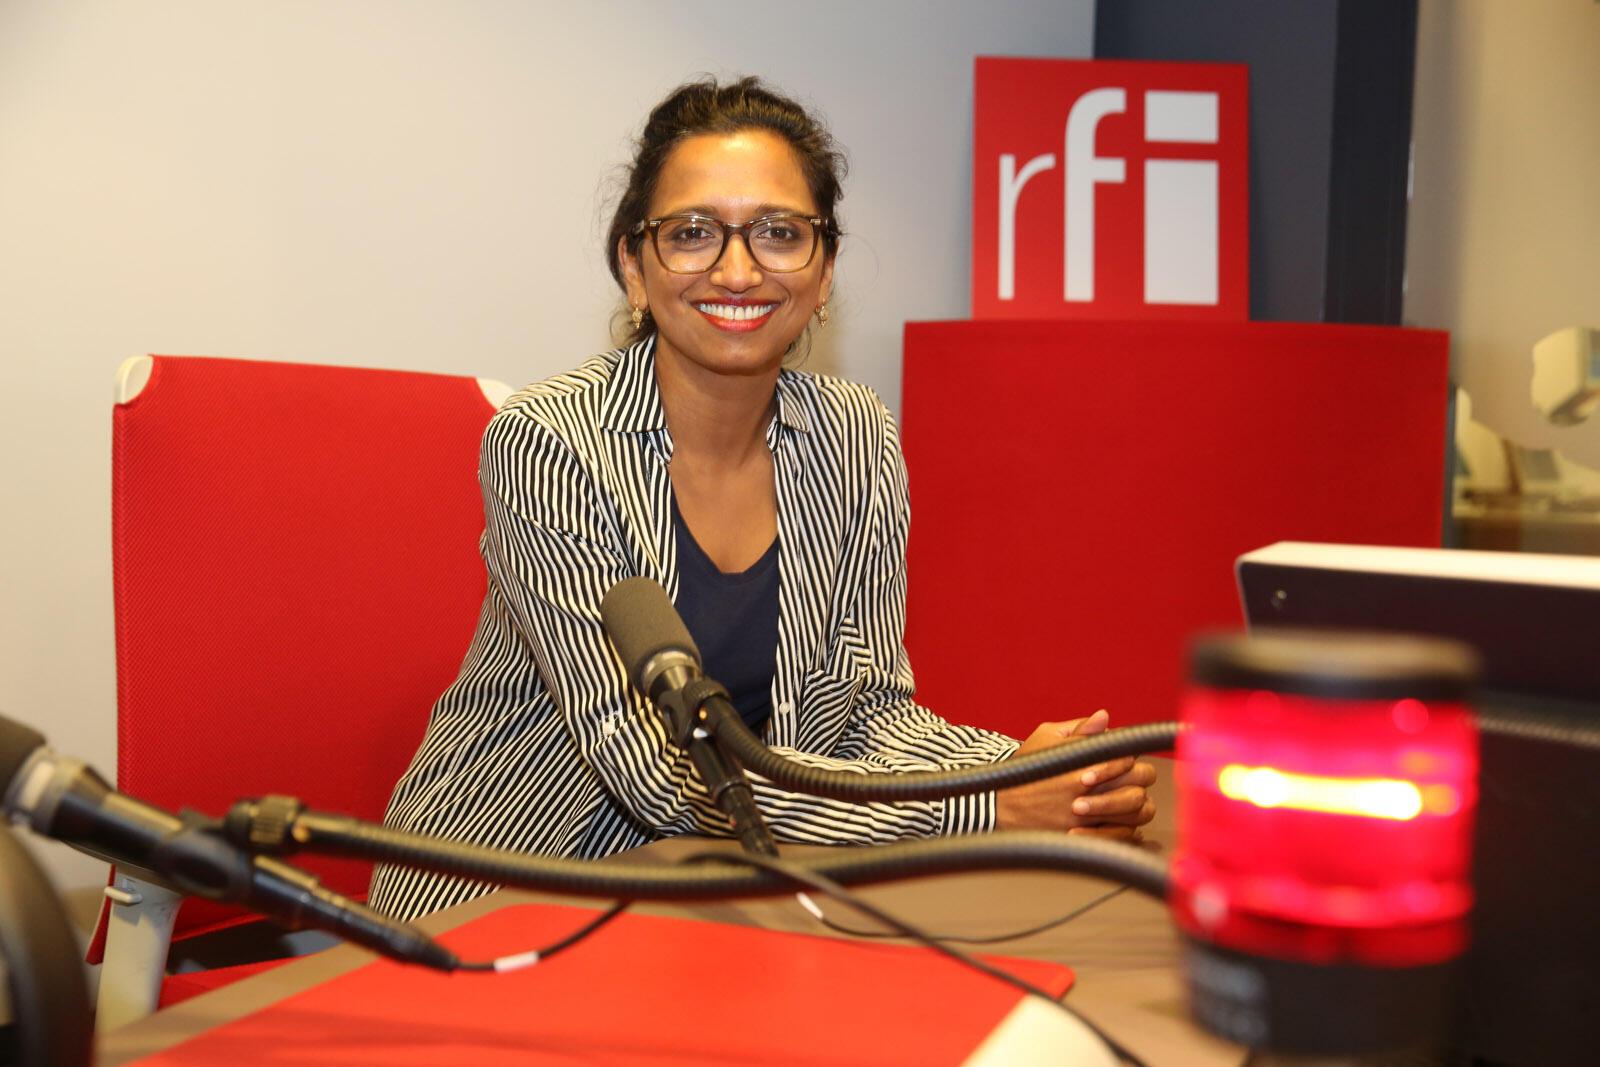 Nathacha Appanah en studio à RFI.